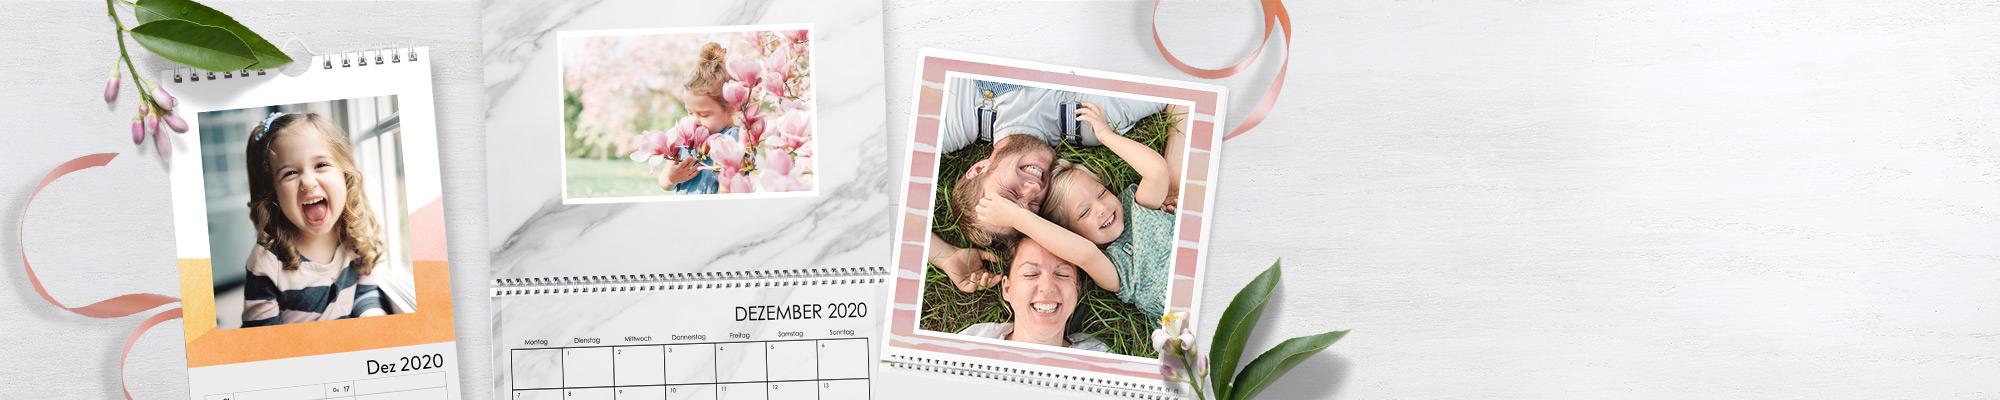 Individuelle Kalender 2020